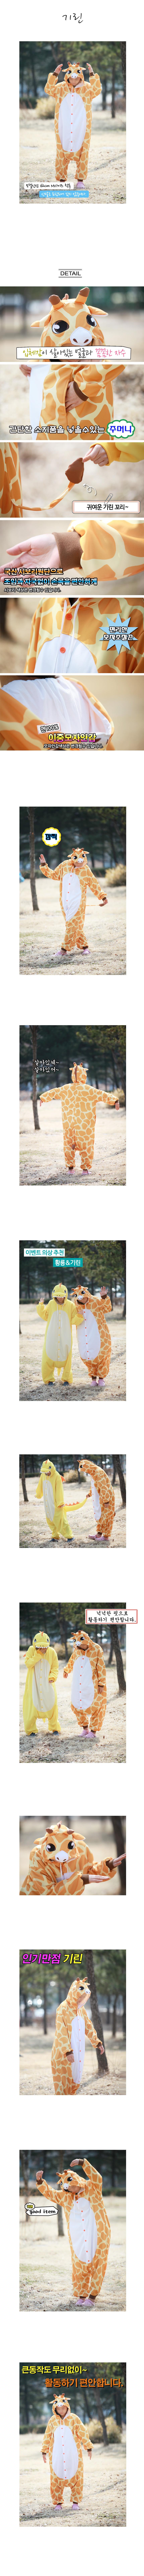 사계절동물잠옷-기린 - 사자크동물잠옷, 37,000원, 잠옷, 커플파자마